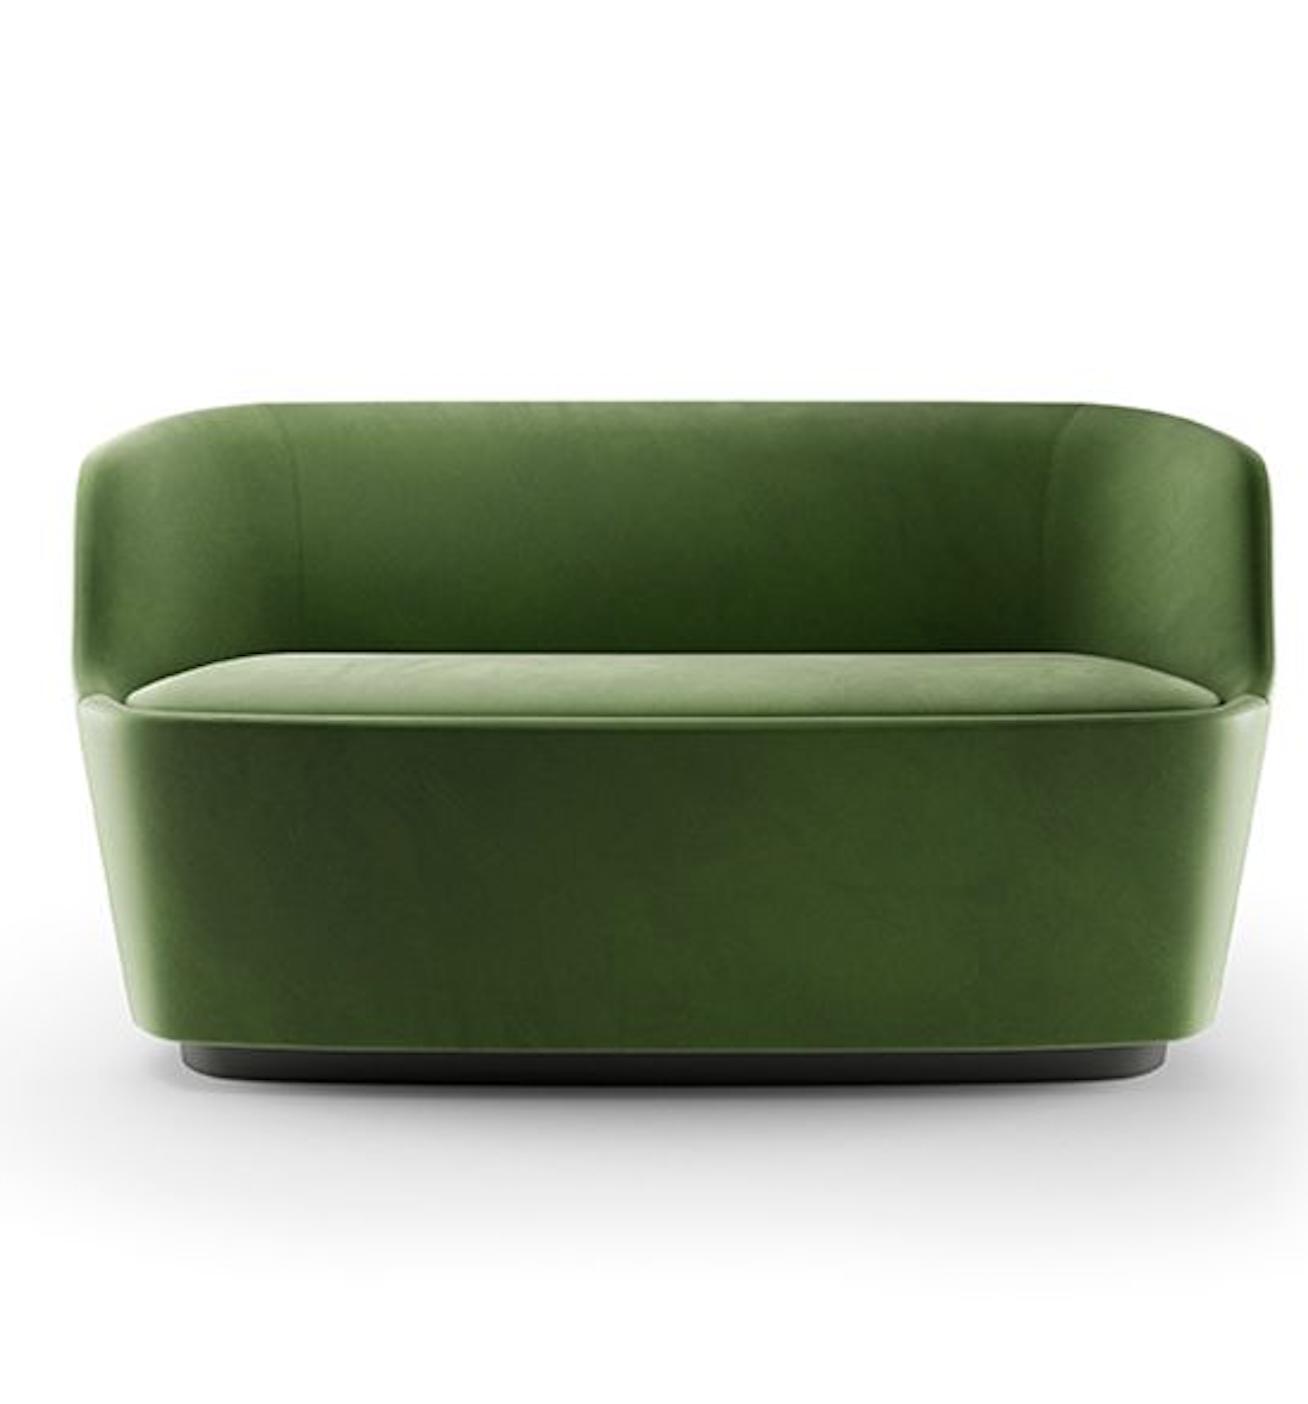 Product Image Orla Small sofa